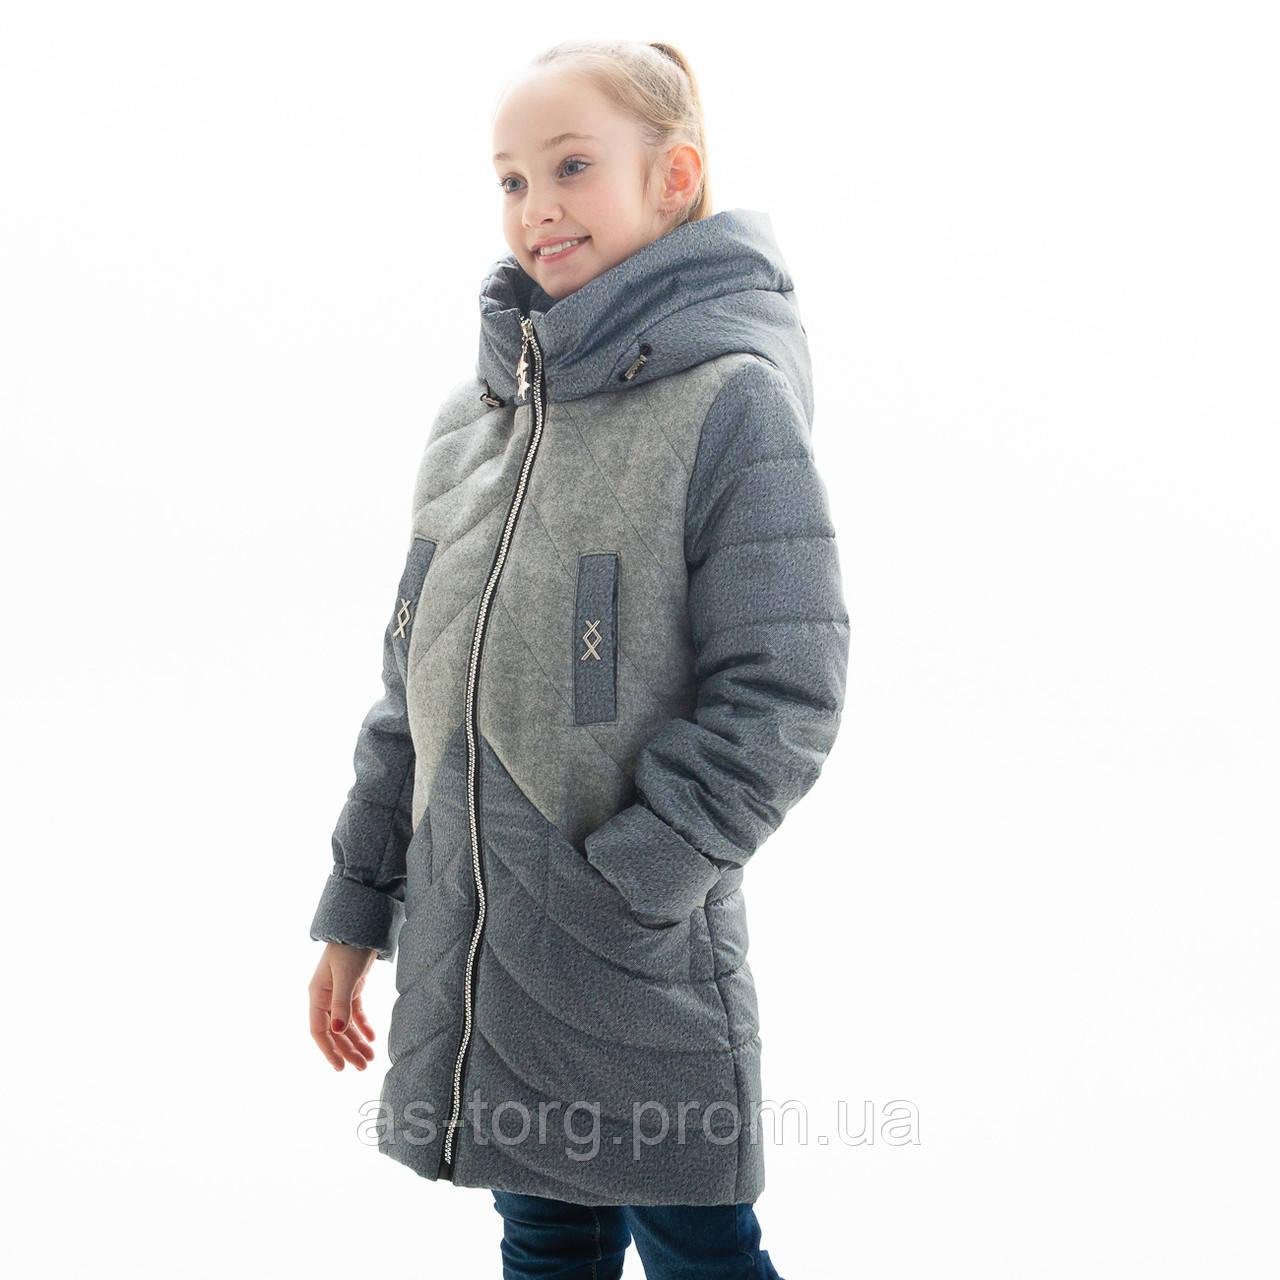 Куртка демисезонная для девочки «Карика»